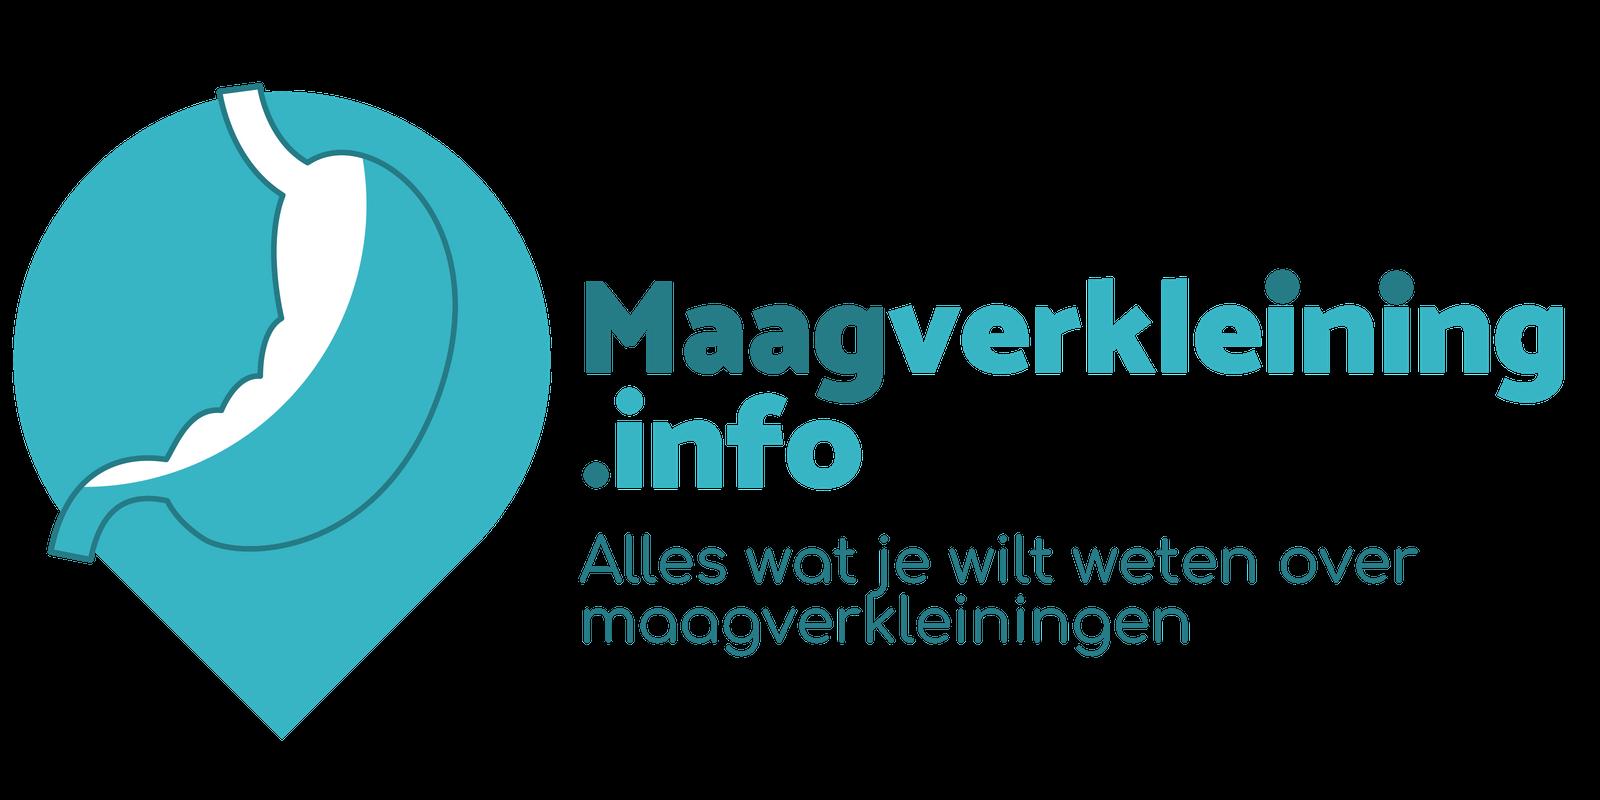 Maagverkleining.info